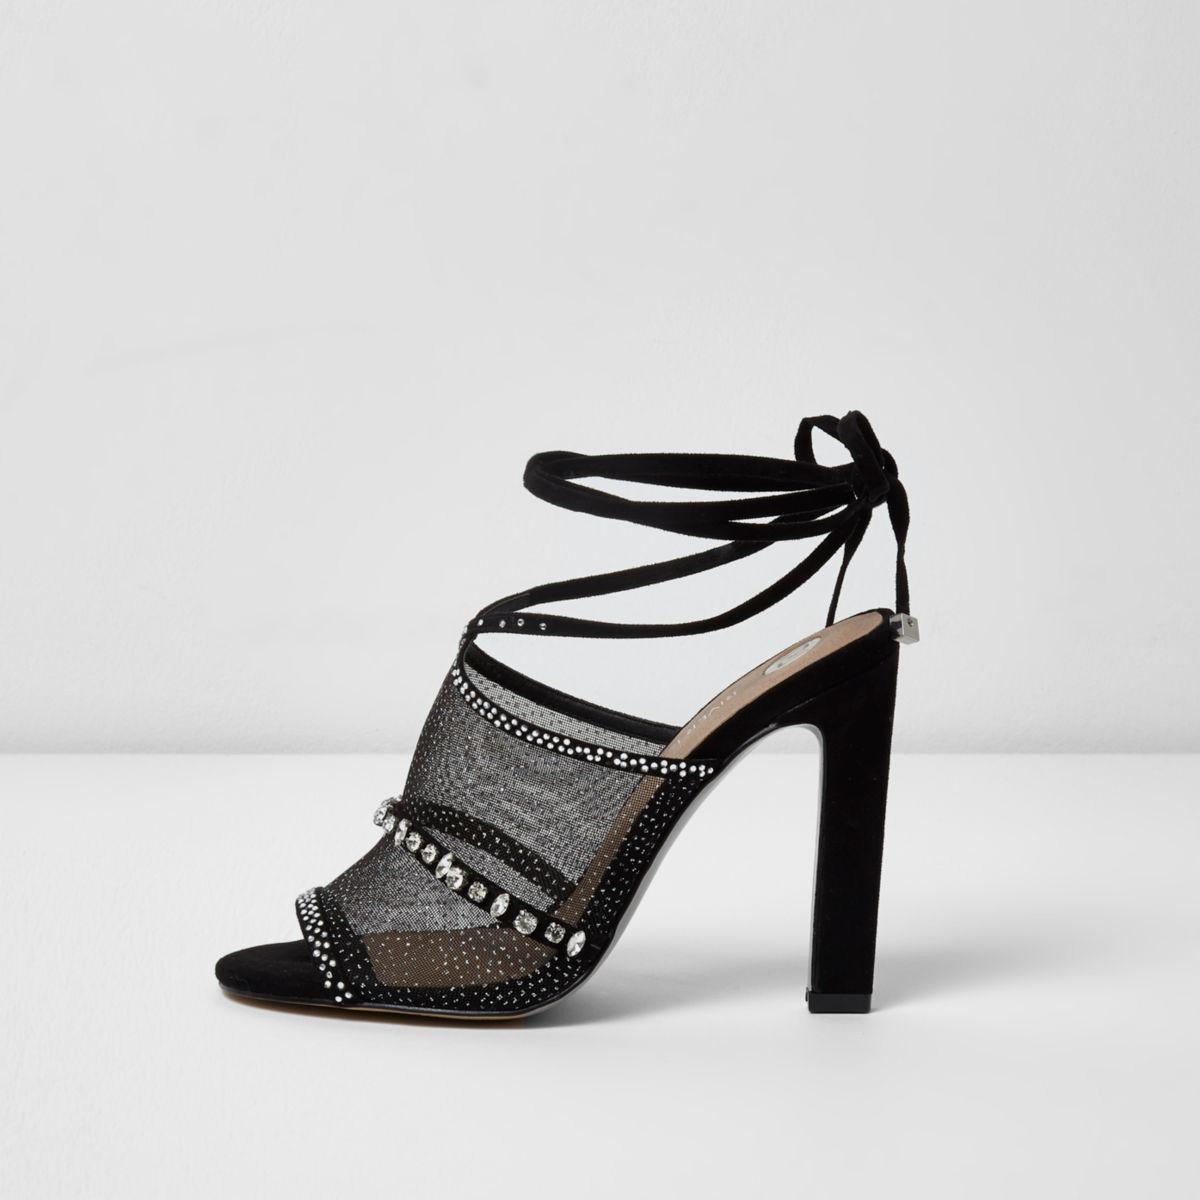 Schwarze Sandalen mit Schmucksteinen